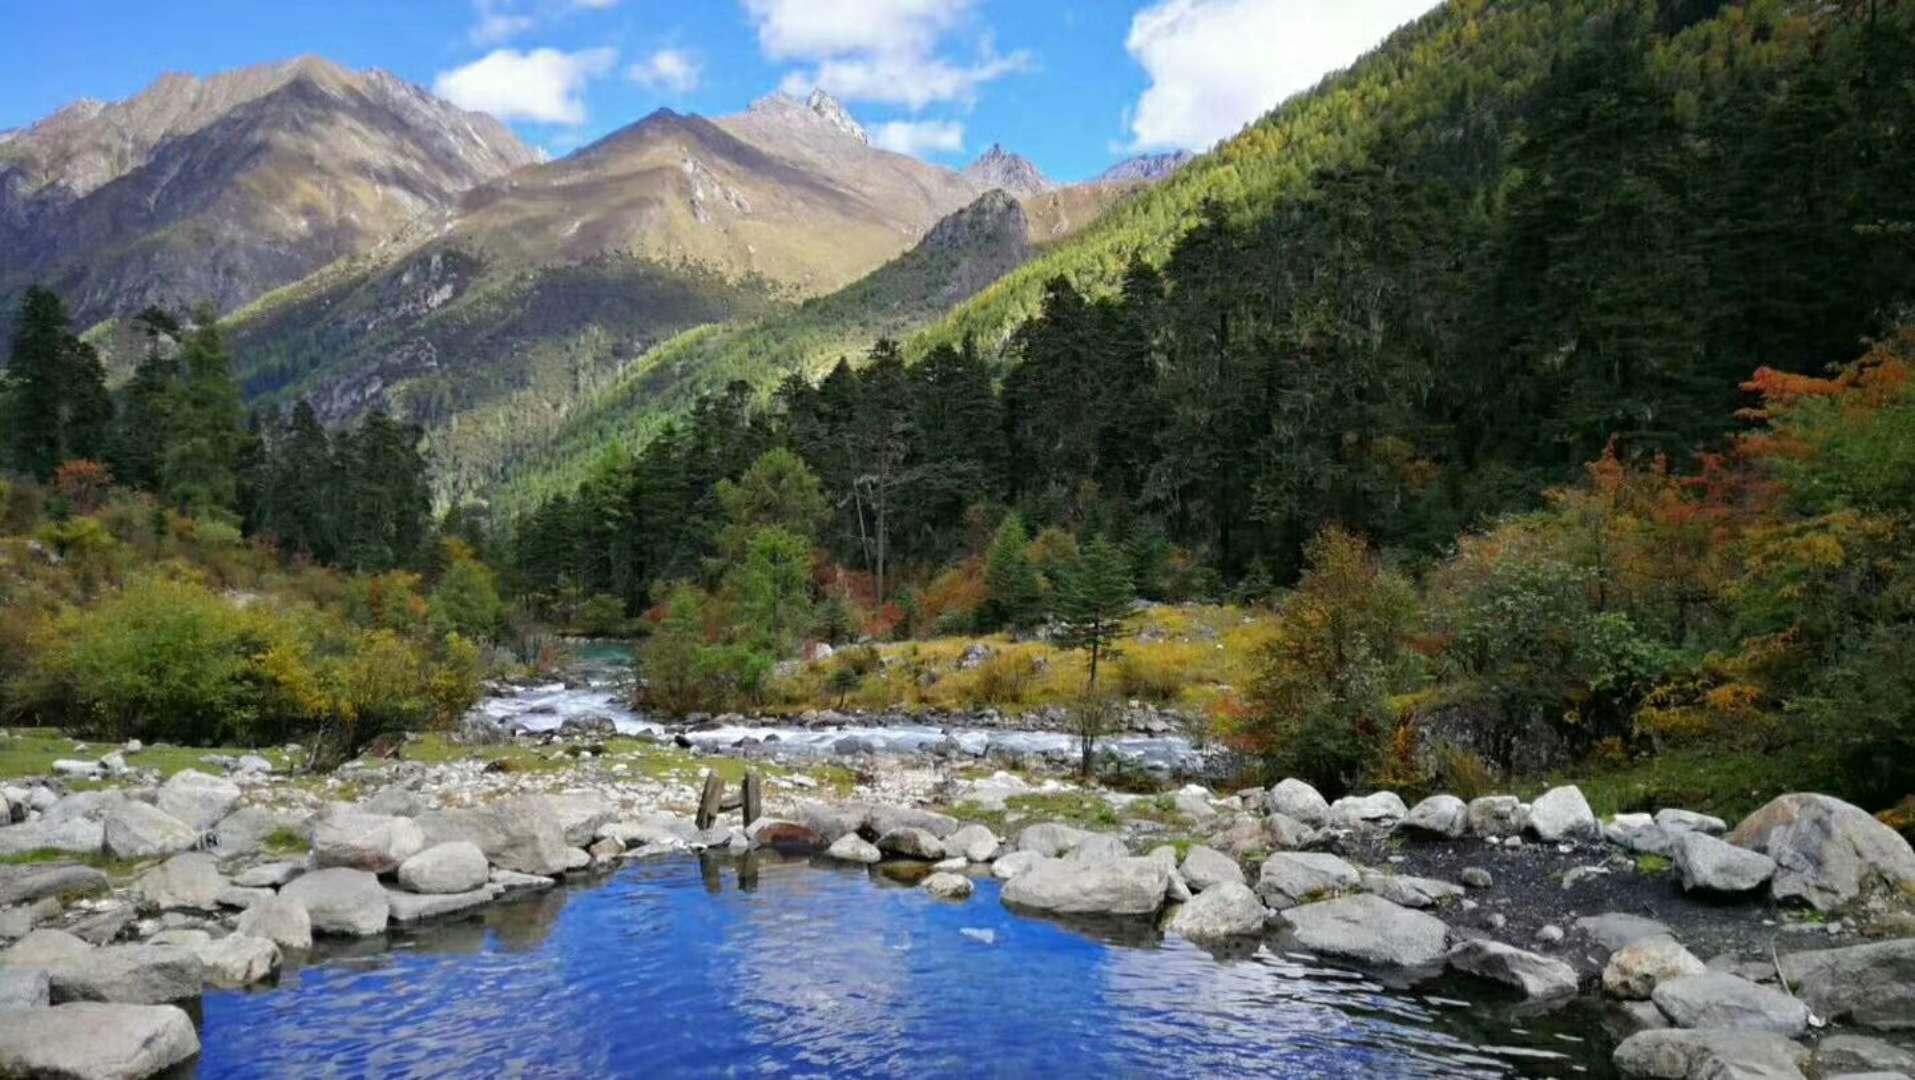 暑假相伴同行去川西冷门景点莫斯卡喂土拔鼠、莲花湖徒步泡温泉、鱼子西星空